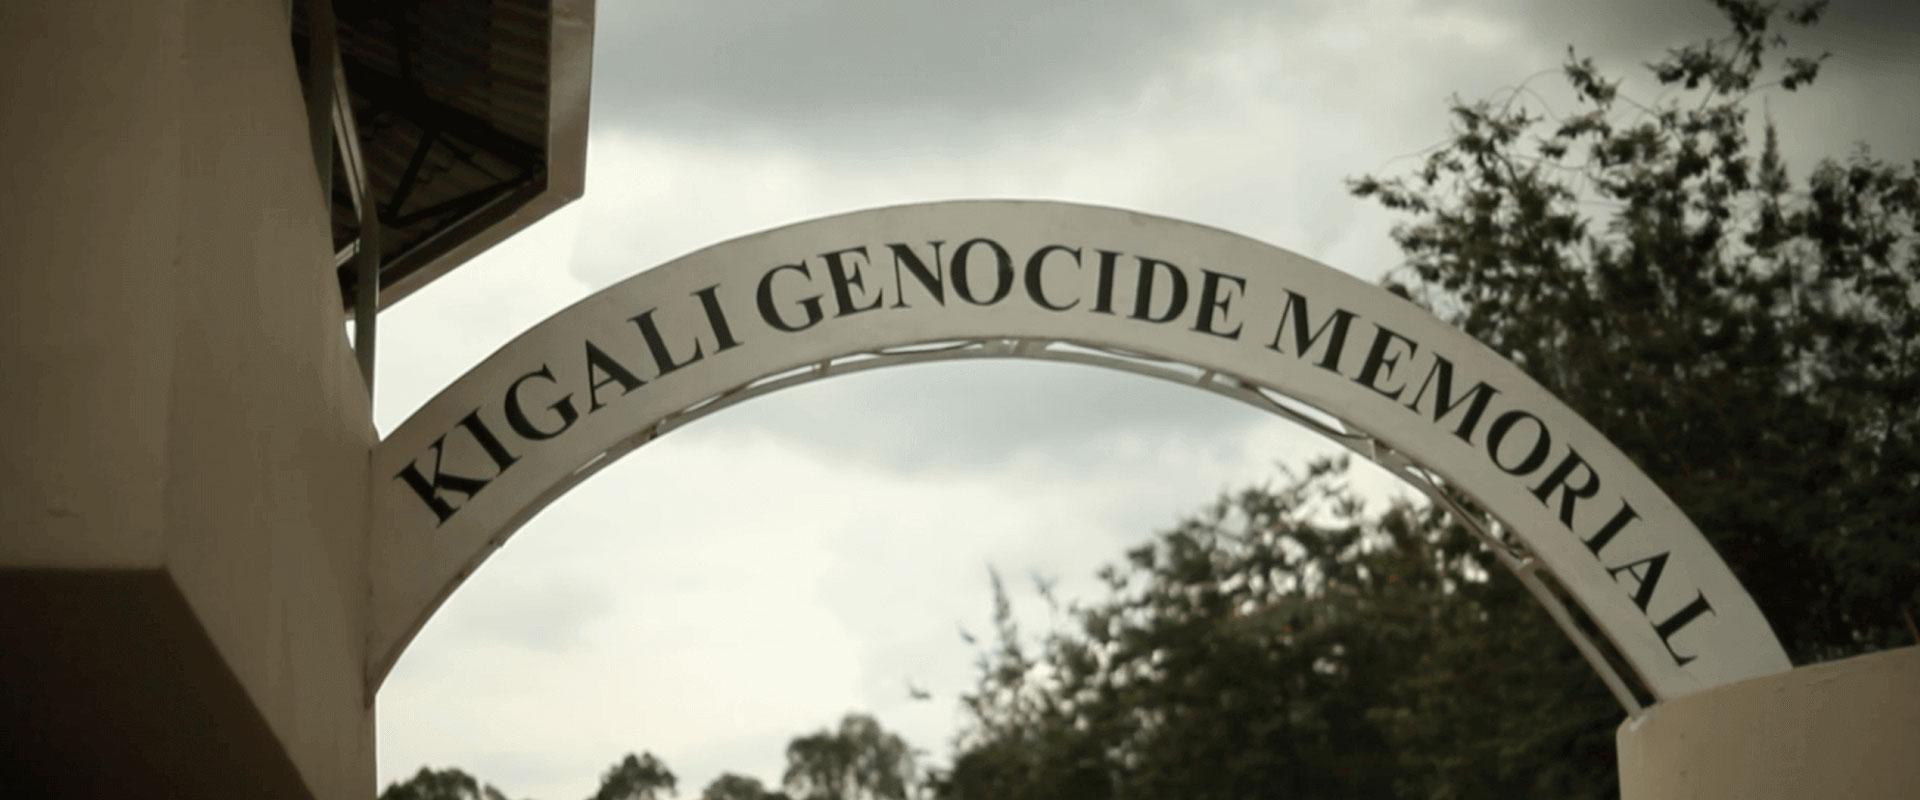 Genocide-Reconciliation Tour